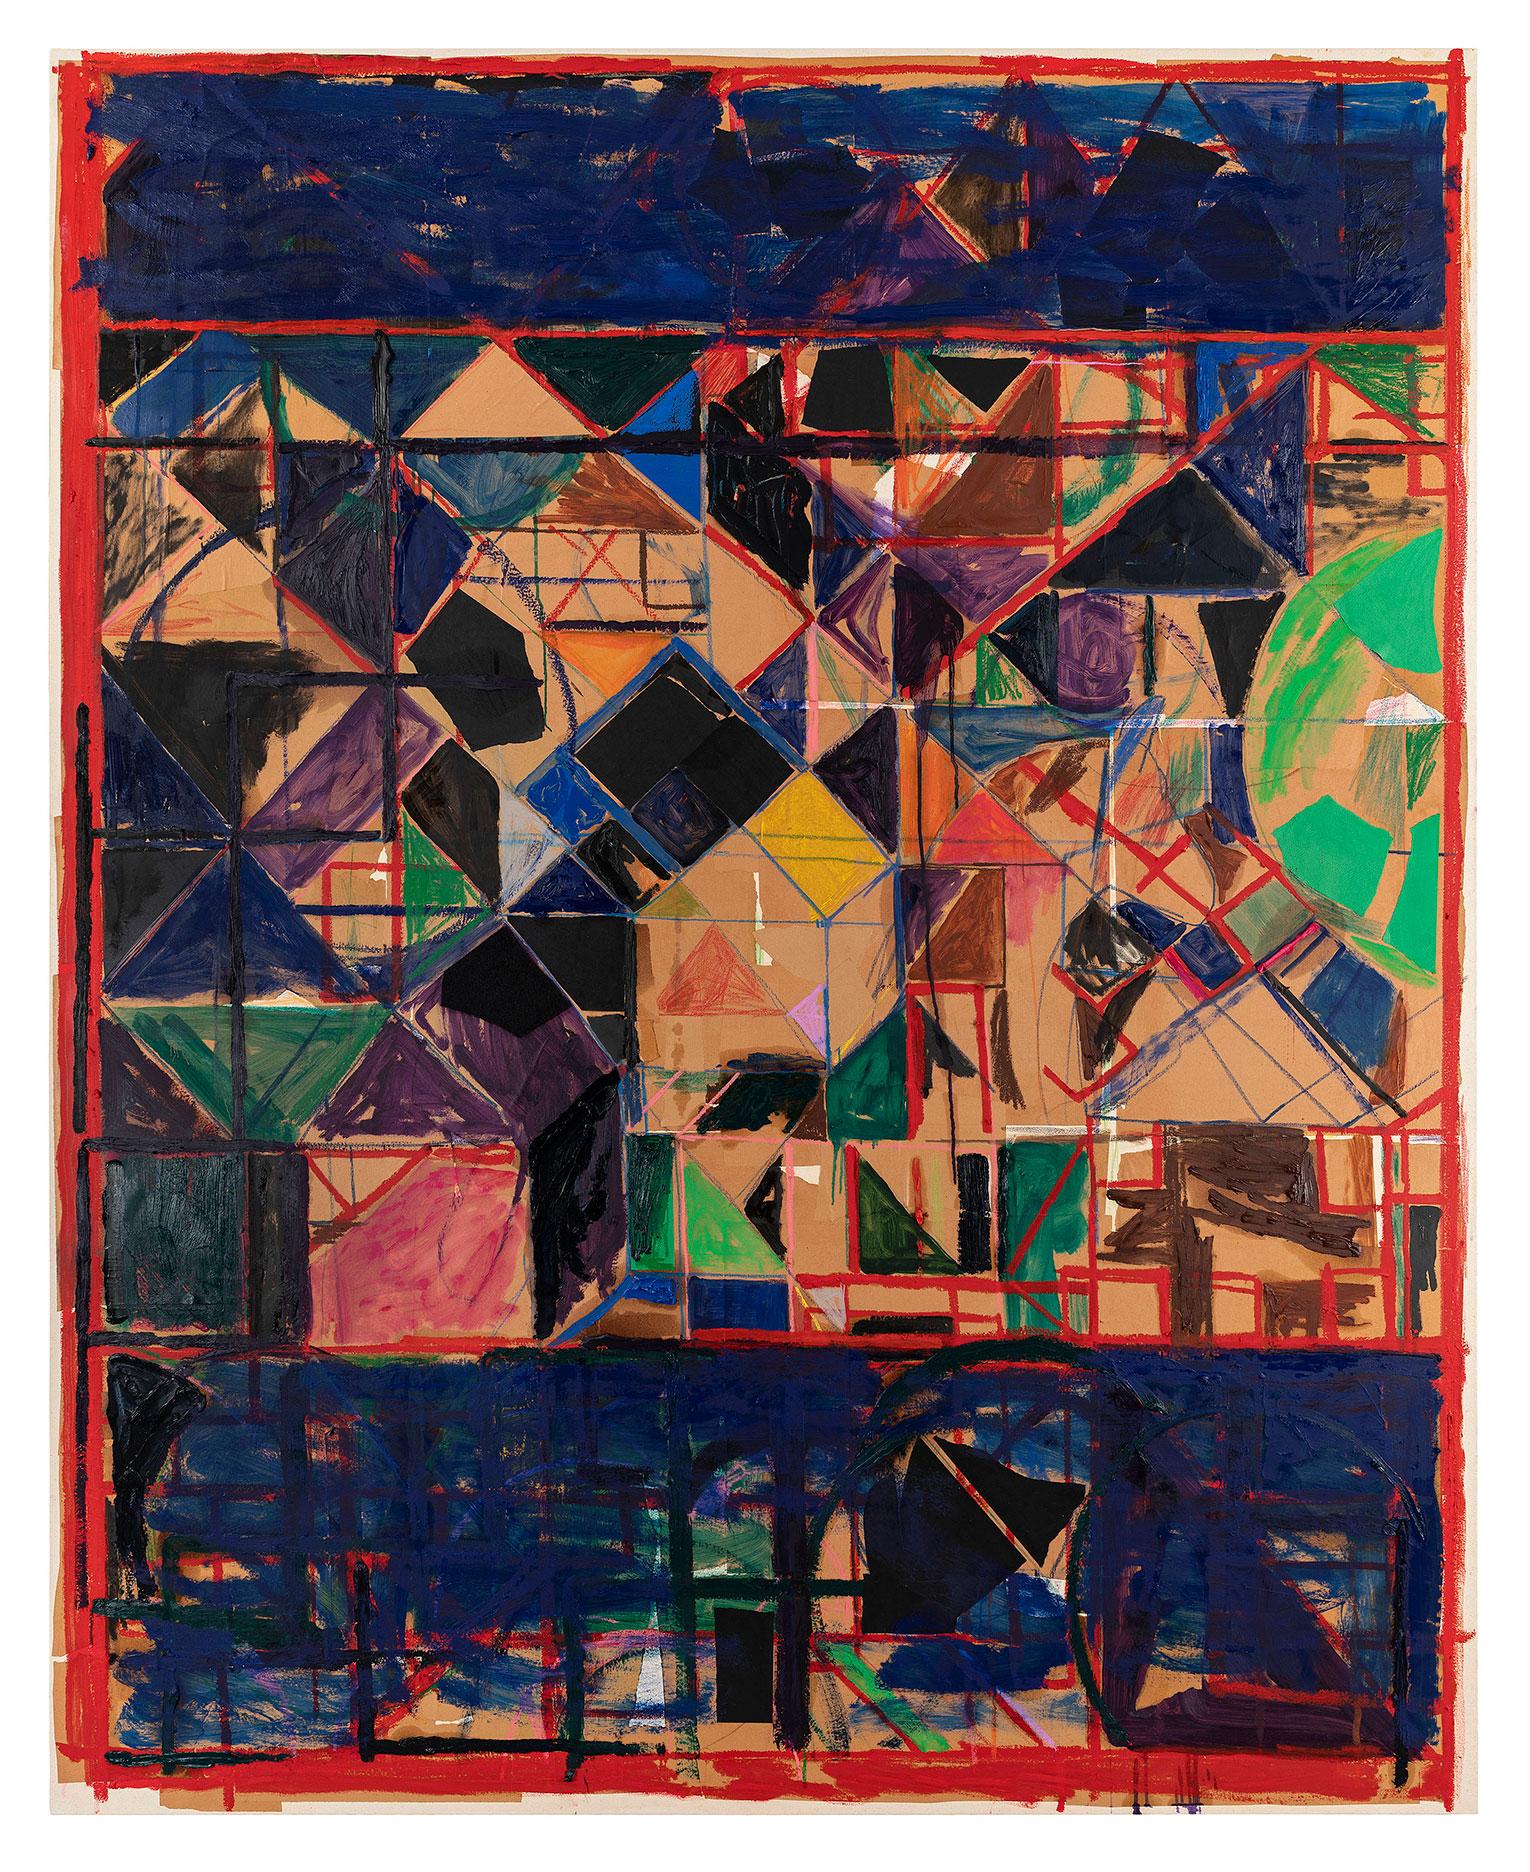 <b>Title:</b>Vista (Brown)<br /><b>Year:</b>2018<br /><b>Medium:</b>Oil Paint, oil stick, oil pastel, wax crayon, paper and felt on canvas<br /><b>Size:</b>210 x 170 cm